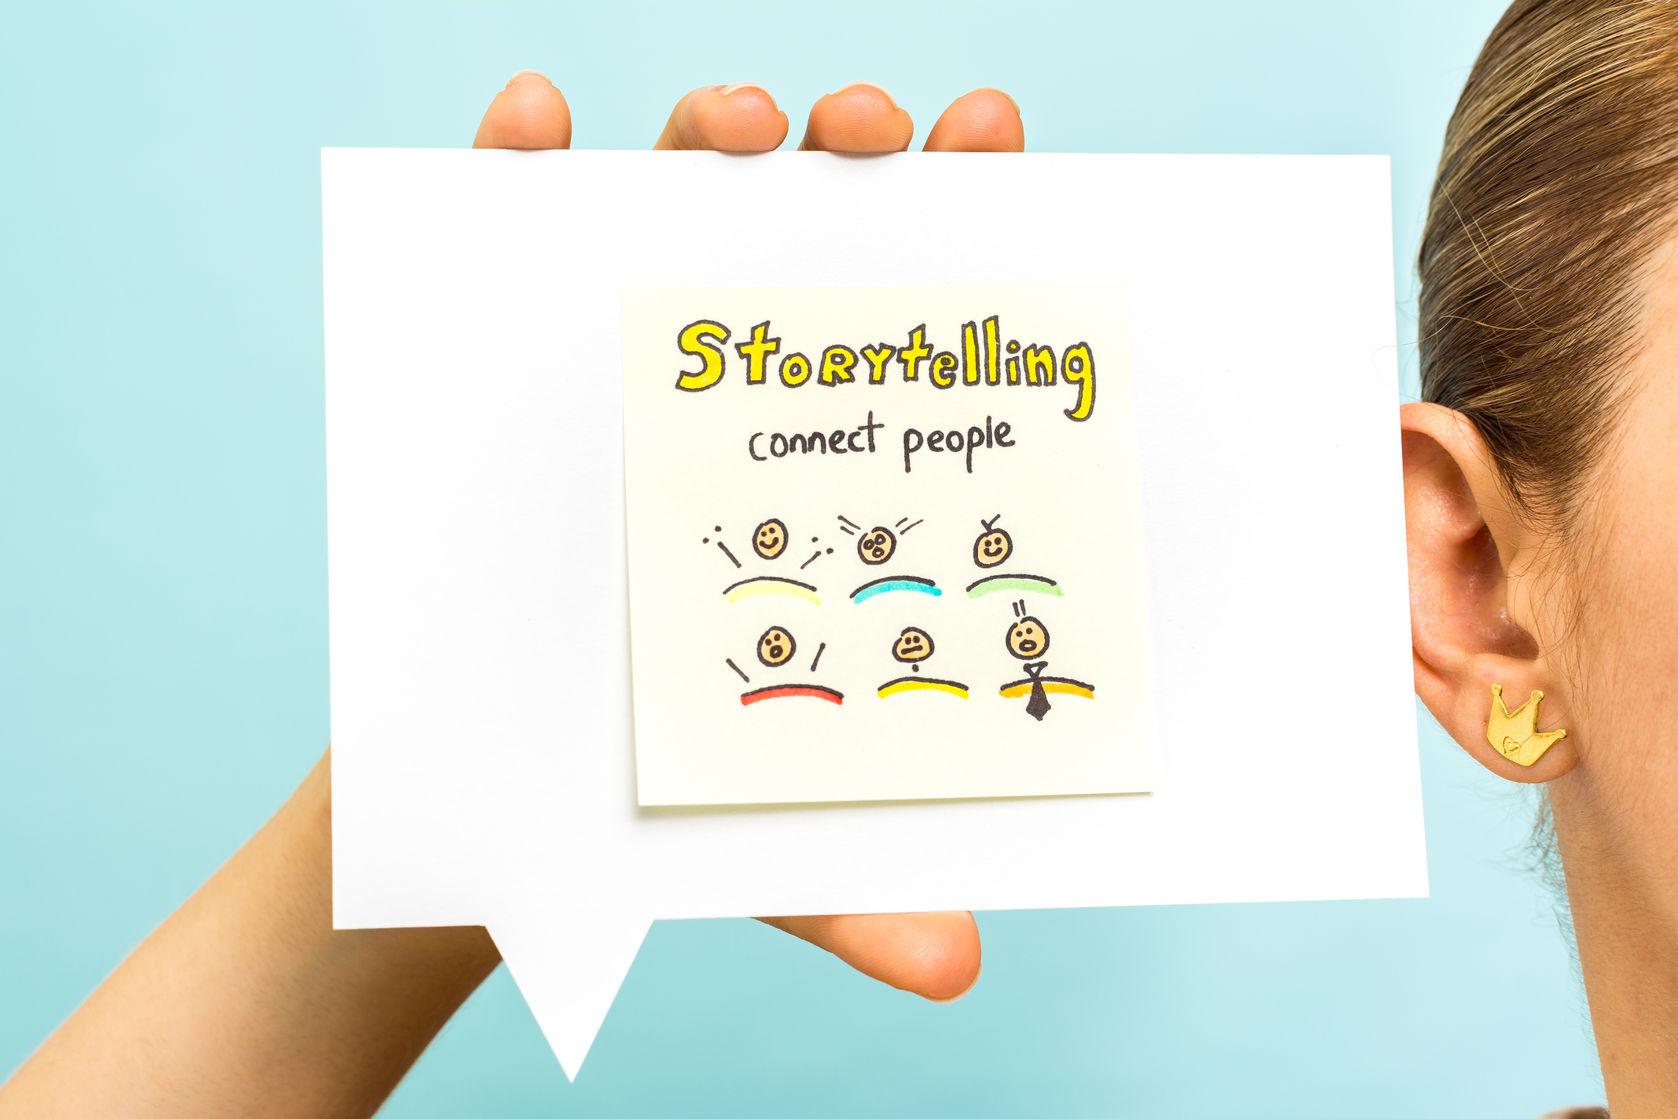 ¿Qué es el Storytelling y cómo usarlo en marketing digital?